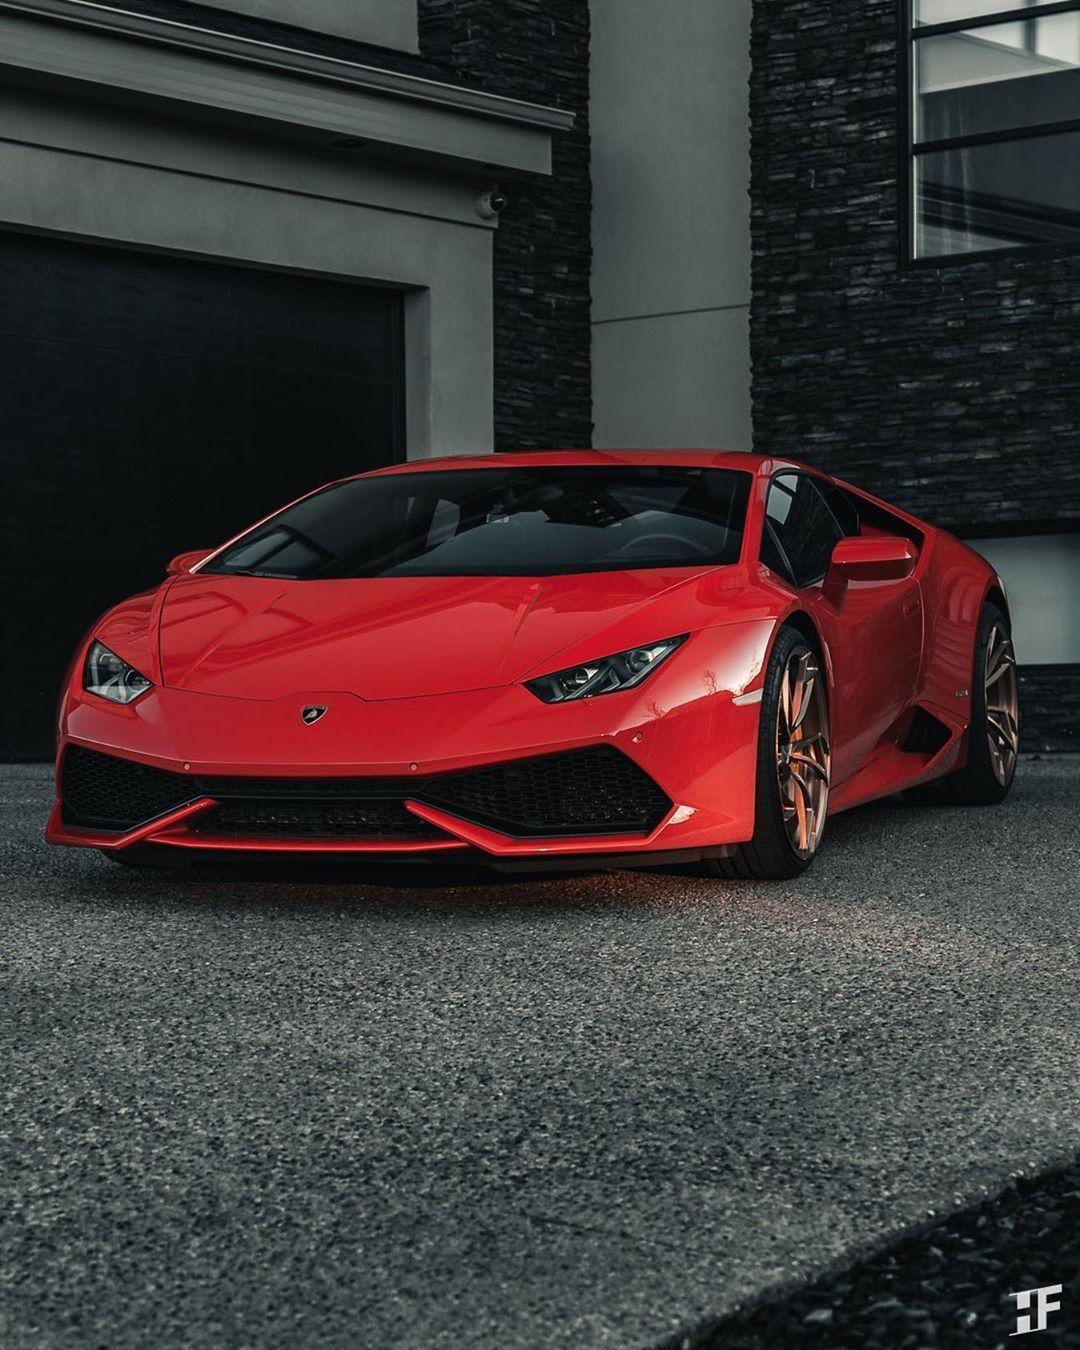 John Velasco On Instagram 1 3 Raging Bull Racerbenz Lambo Lamborghinihuracan Huracan Lp4 Lamborghini Huracan Raging Bull Lambo